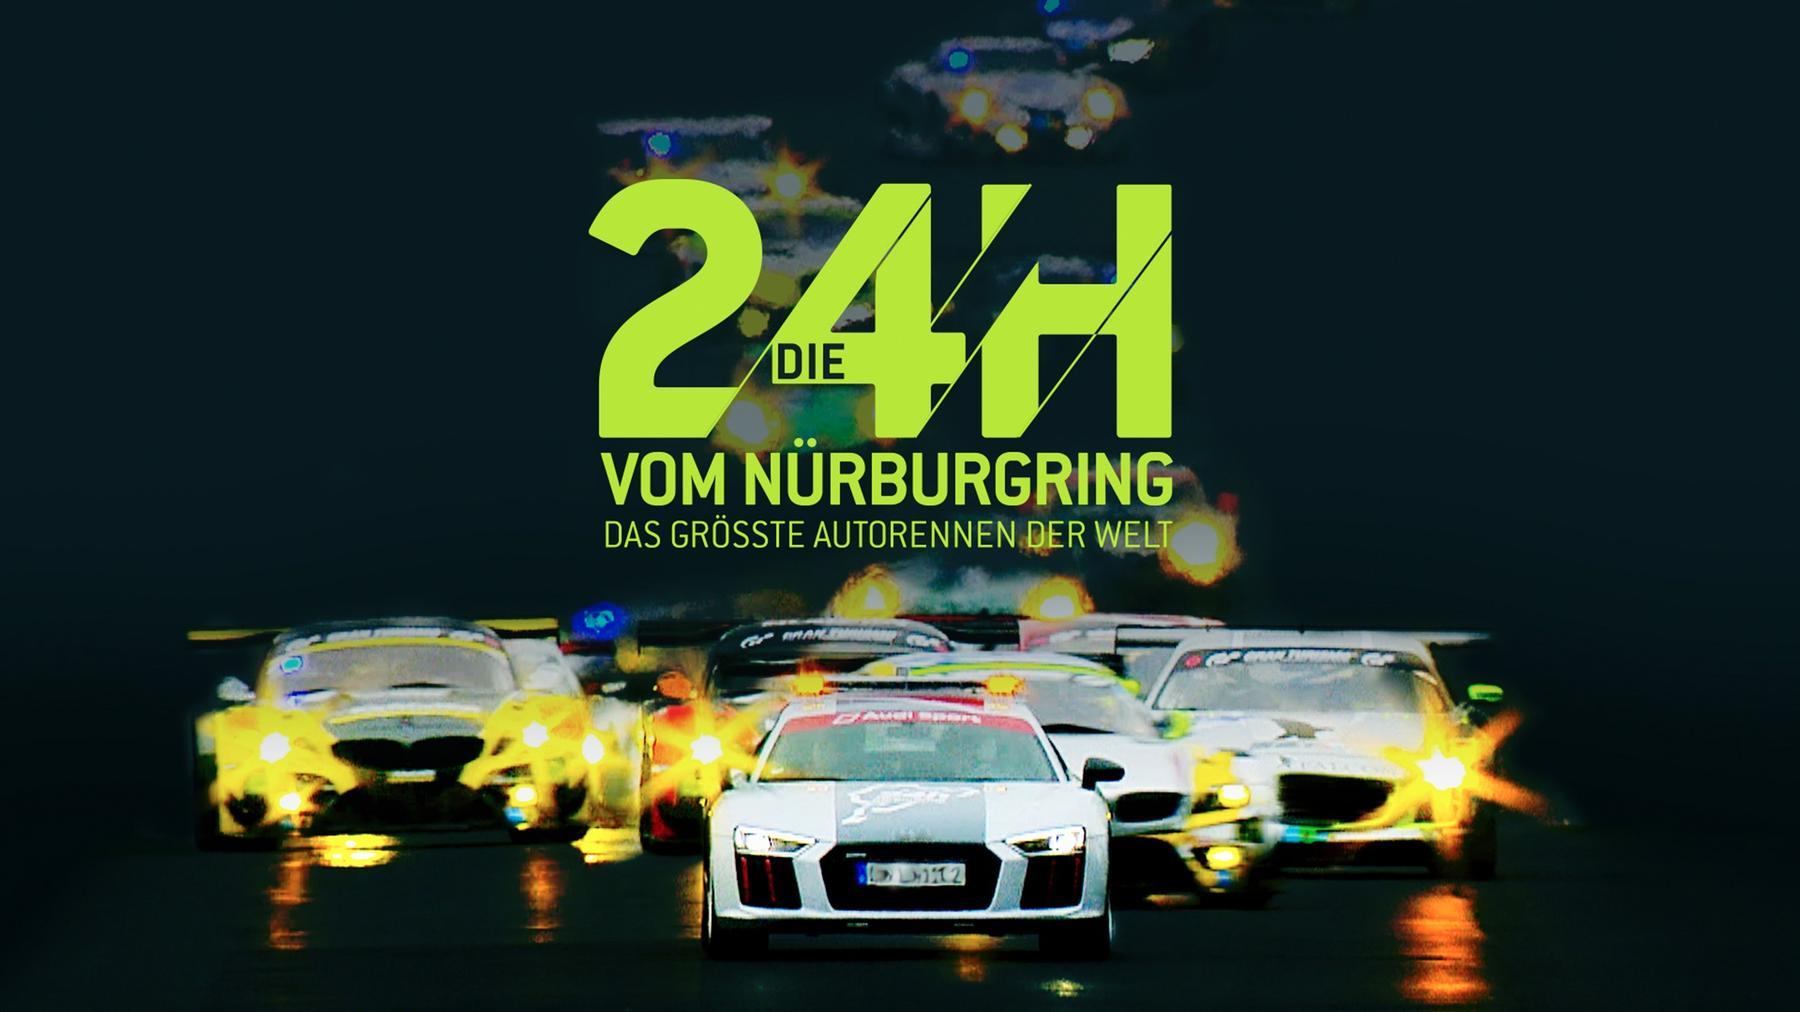 Die 24 Stunden vom Nürburgring - Das größte Autorennen der Welt: Top 30 Qualifying